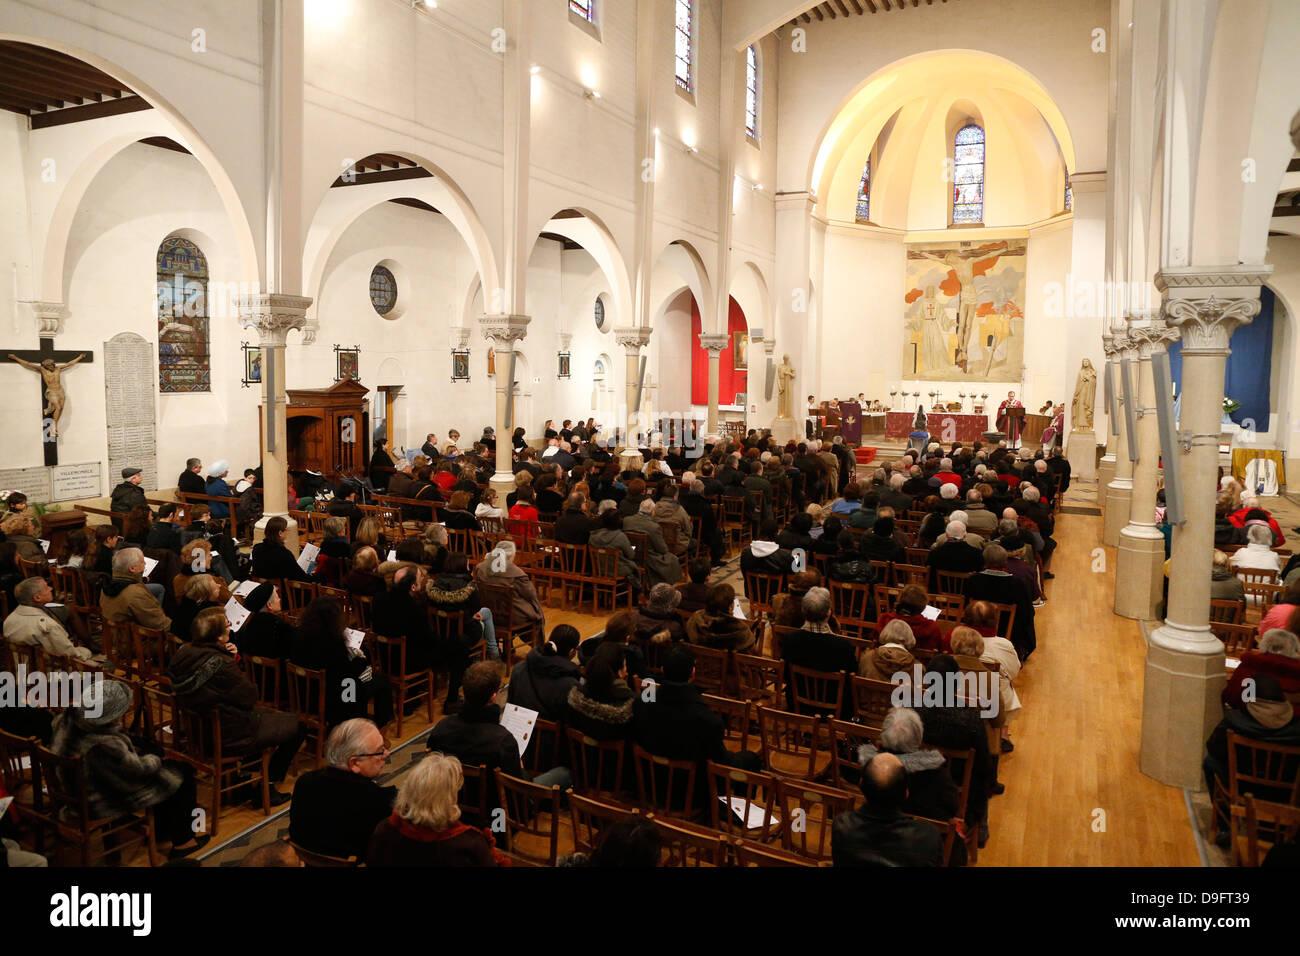 La messe du dimanche, Villemomble, st. Denis, France Photo Stock